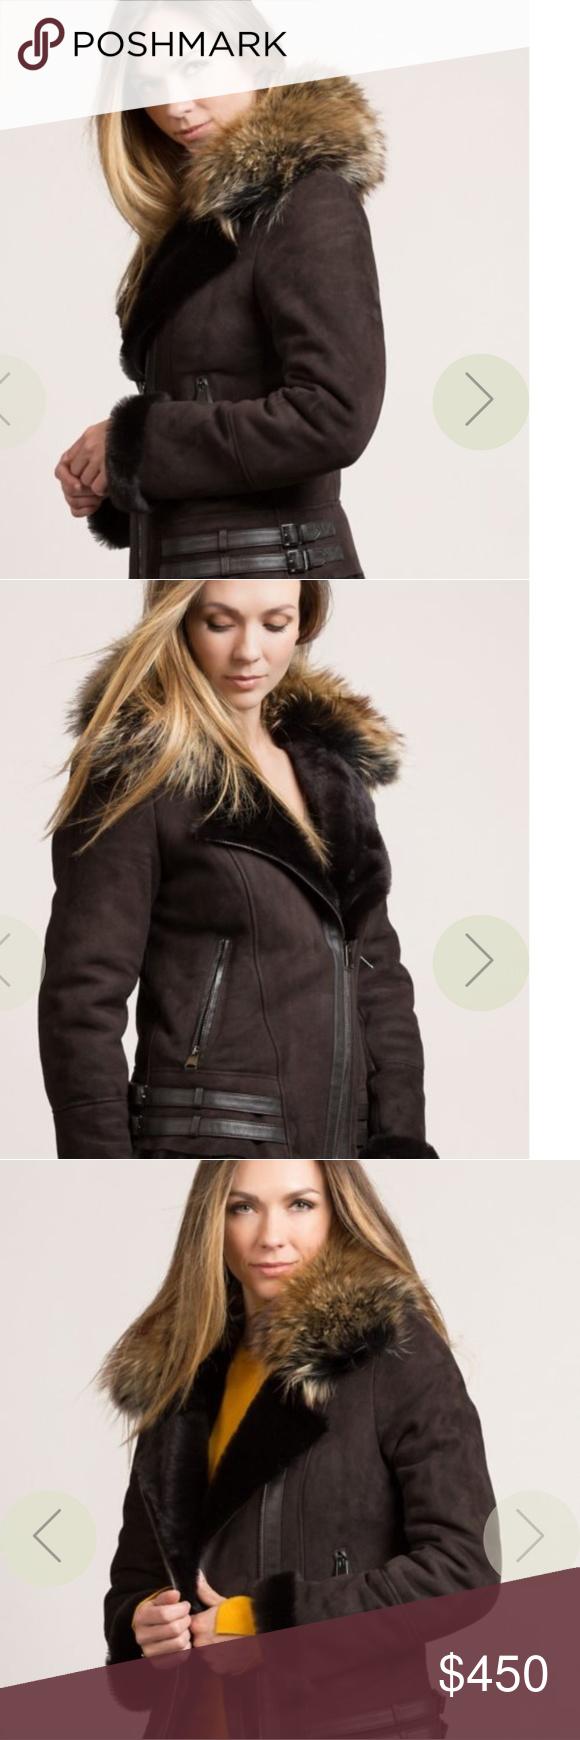 SALE SHEEPSKIN BOMBER JACKET Jackets, Bomber jacket, Fashion